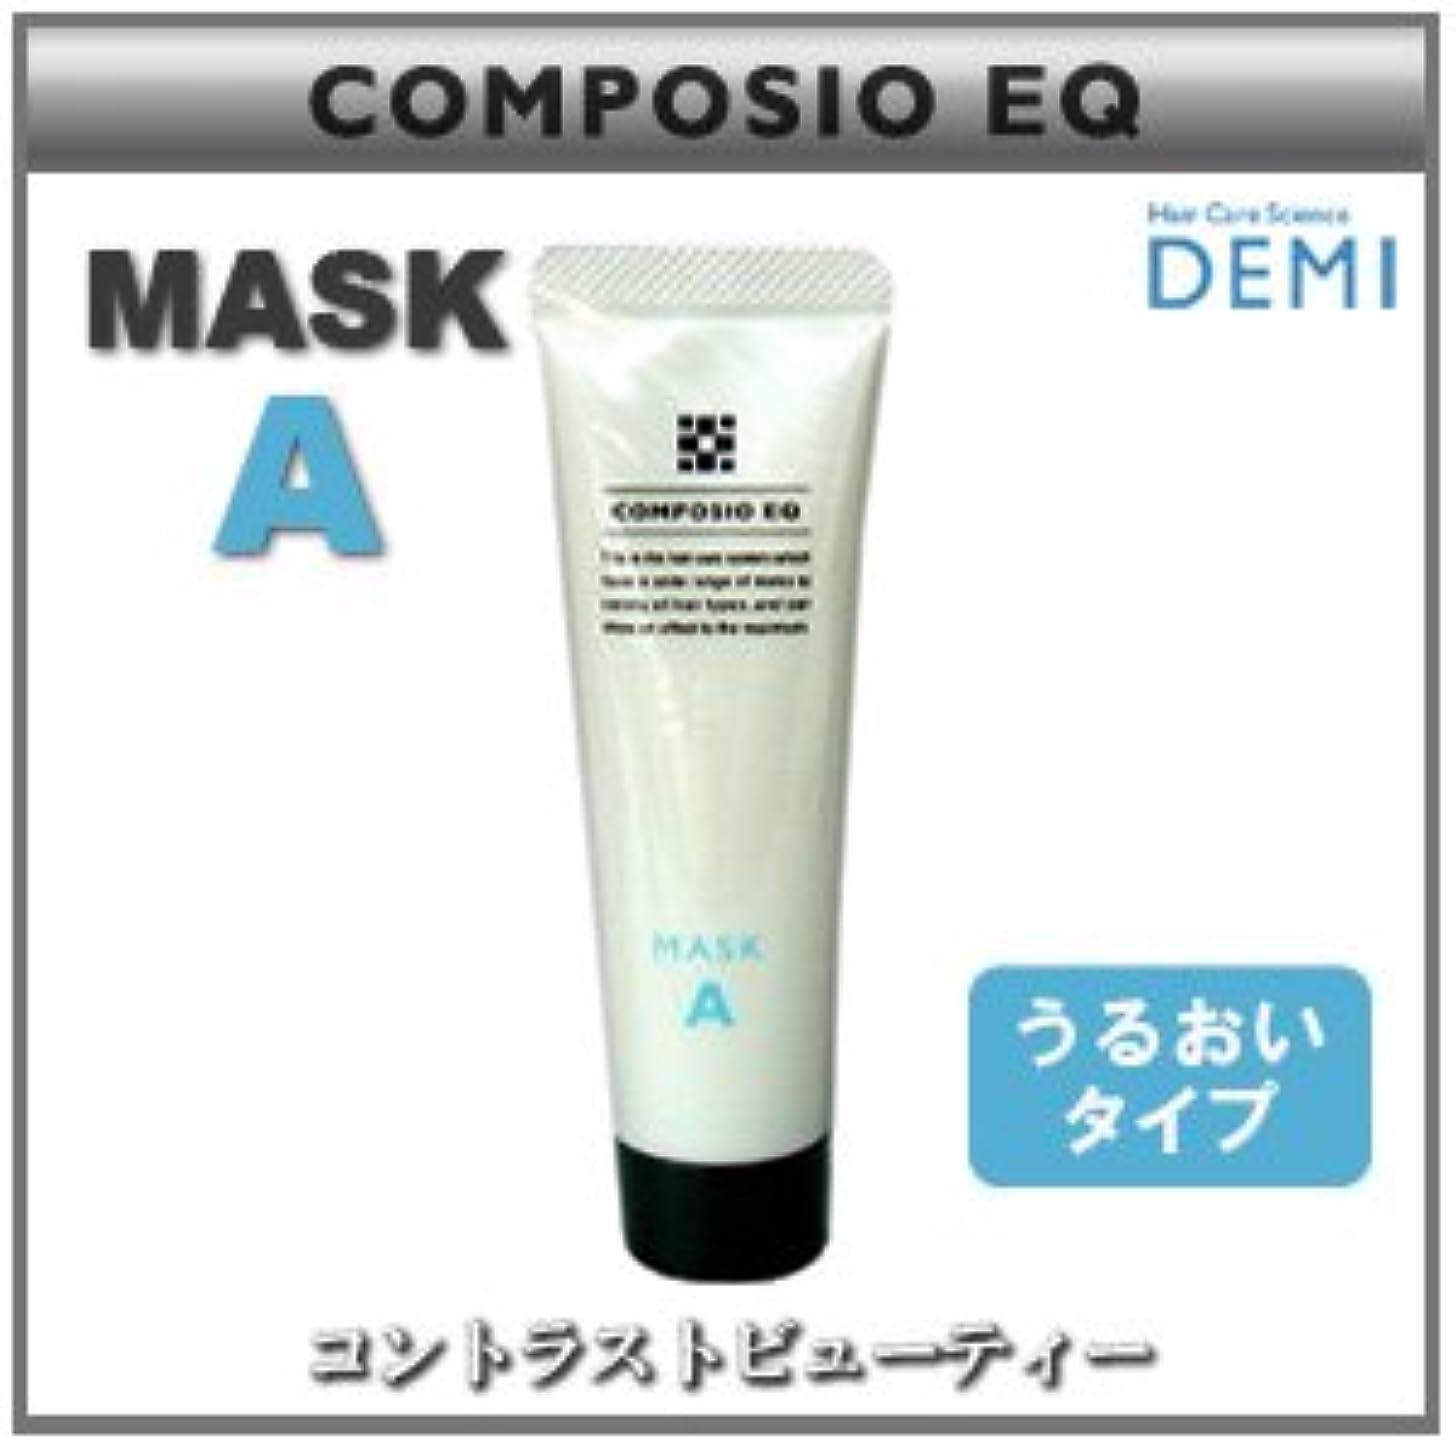 既婚スクラブ豊富に【X5個セット】 デミ コンポジオ EQ マスク A 50g